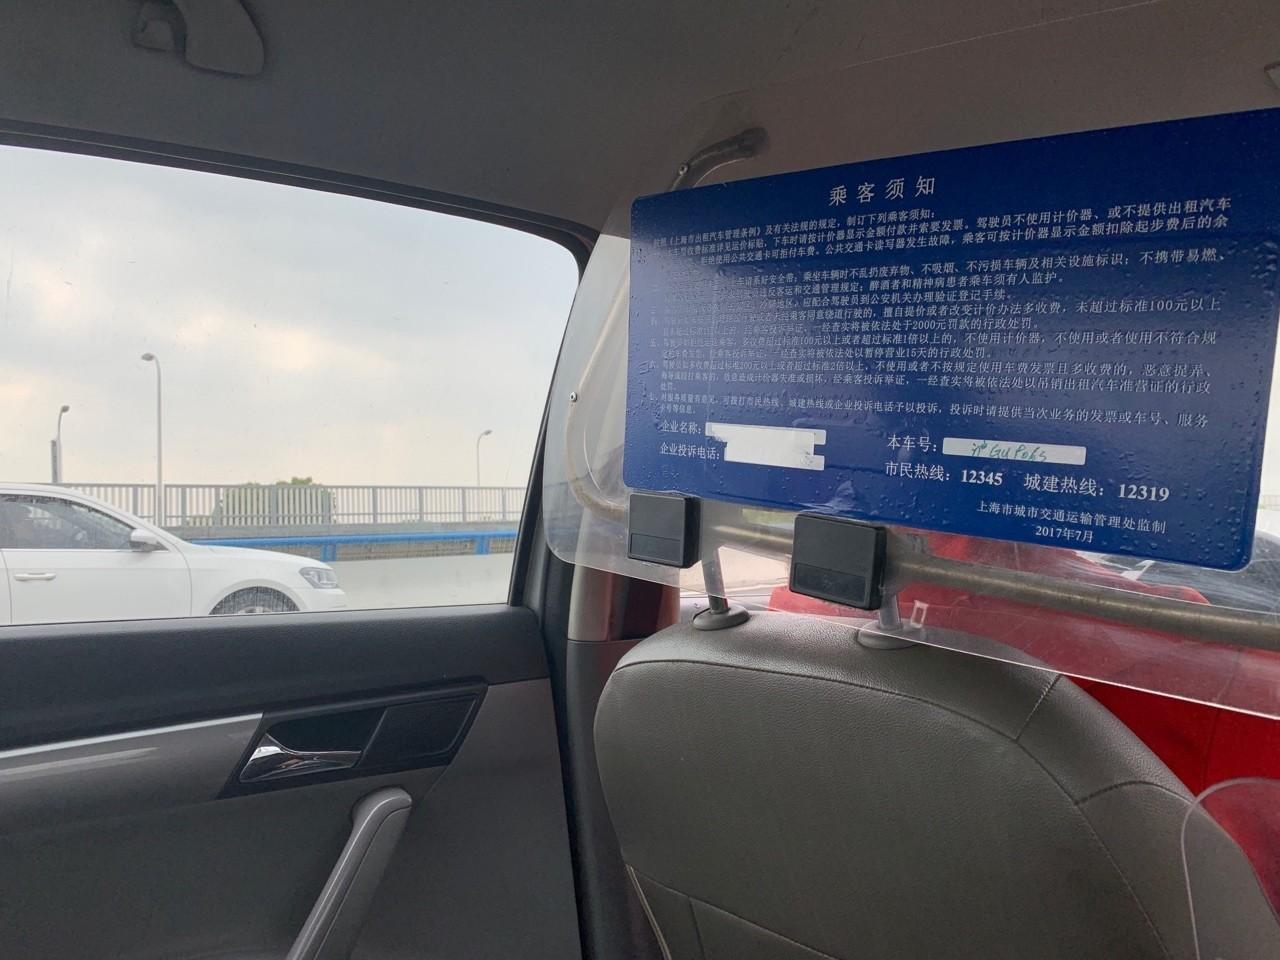 10時間遅れで上海到着。到着から空港出るまで1時間弱。中国でもgoogleが使えるsimをいれたらLTEでサクサク繋がる。普段はキャッシュレスだけど、北京語はなんとなくわかるのでATMで中国元を引き出してタクシーで一路スタジアムへ。目的地の上海体育館は「しゃんはいてぃーいーぐあん」といえば通じる。大学の時に北京語やっててよかった。